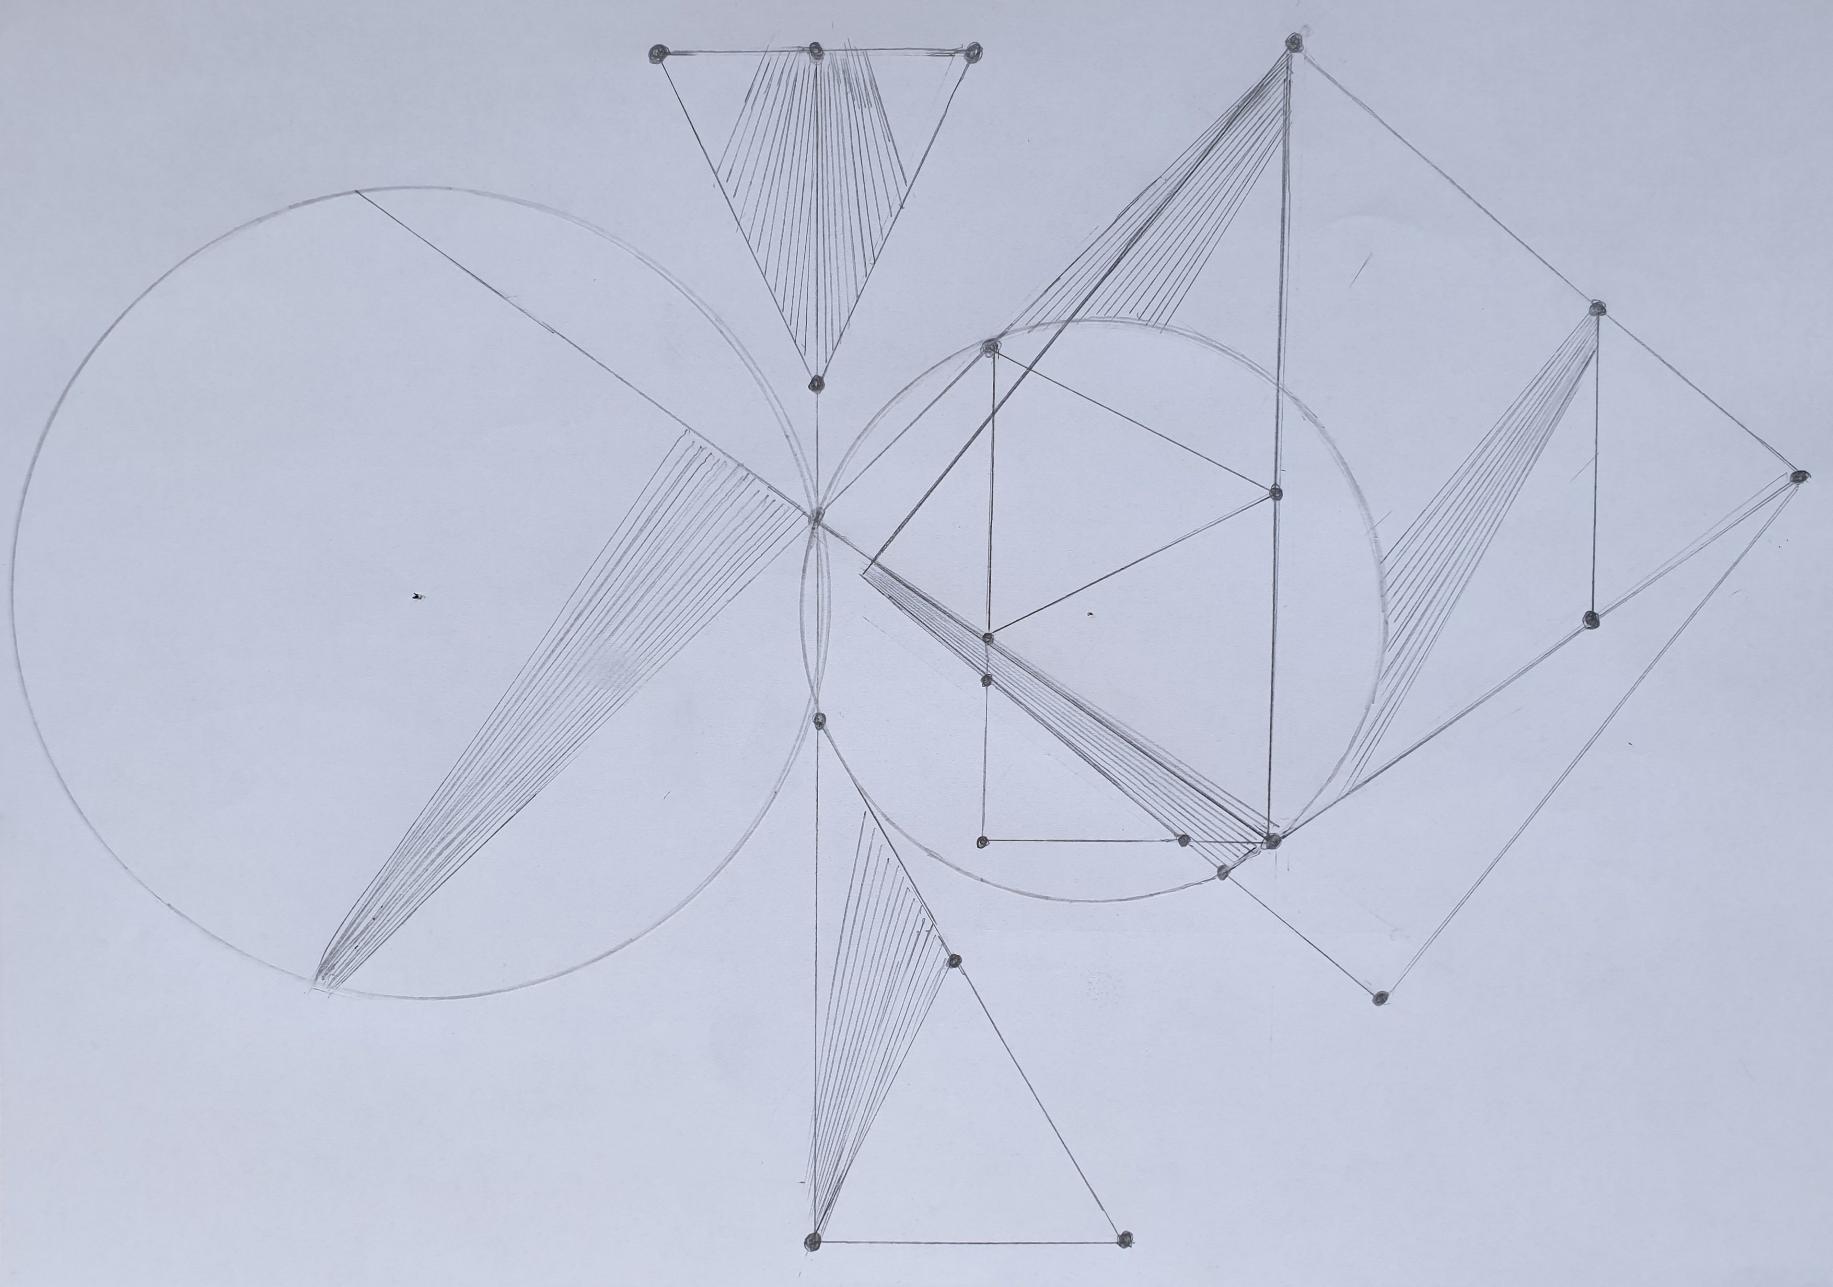 [url=https://gradini-fractale-geometrice.webnode.ro/_files/200000017-8b3b68b3b8/8-51.jpg]Fractal unic desenat de mine, cu tema iluziei optice a triunghiului. Iluzia  este la triunghiul de sus din cercul mic, care poate fi vazut cu varful  in dreapta (est), o alta pozitie cu varful in stanga colt, (sud-vest)  sau in pozitia cu varful inspre (nord-vest).[/url]